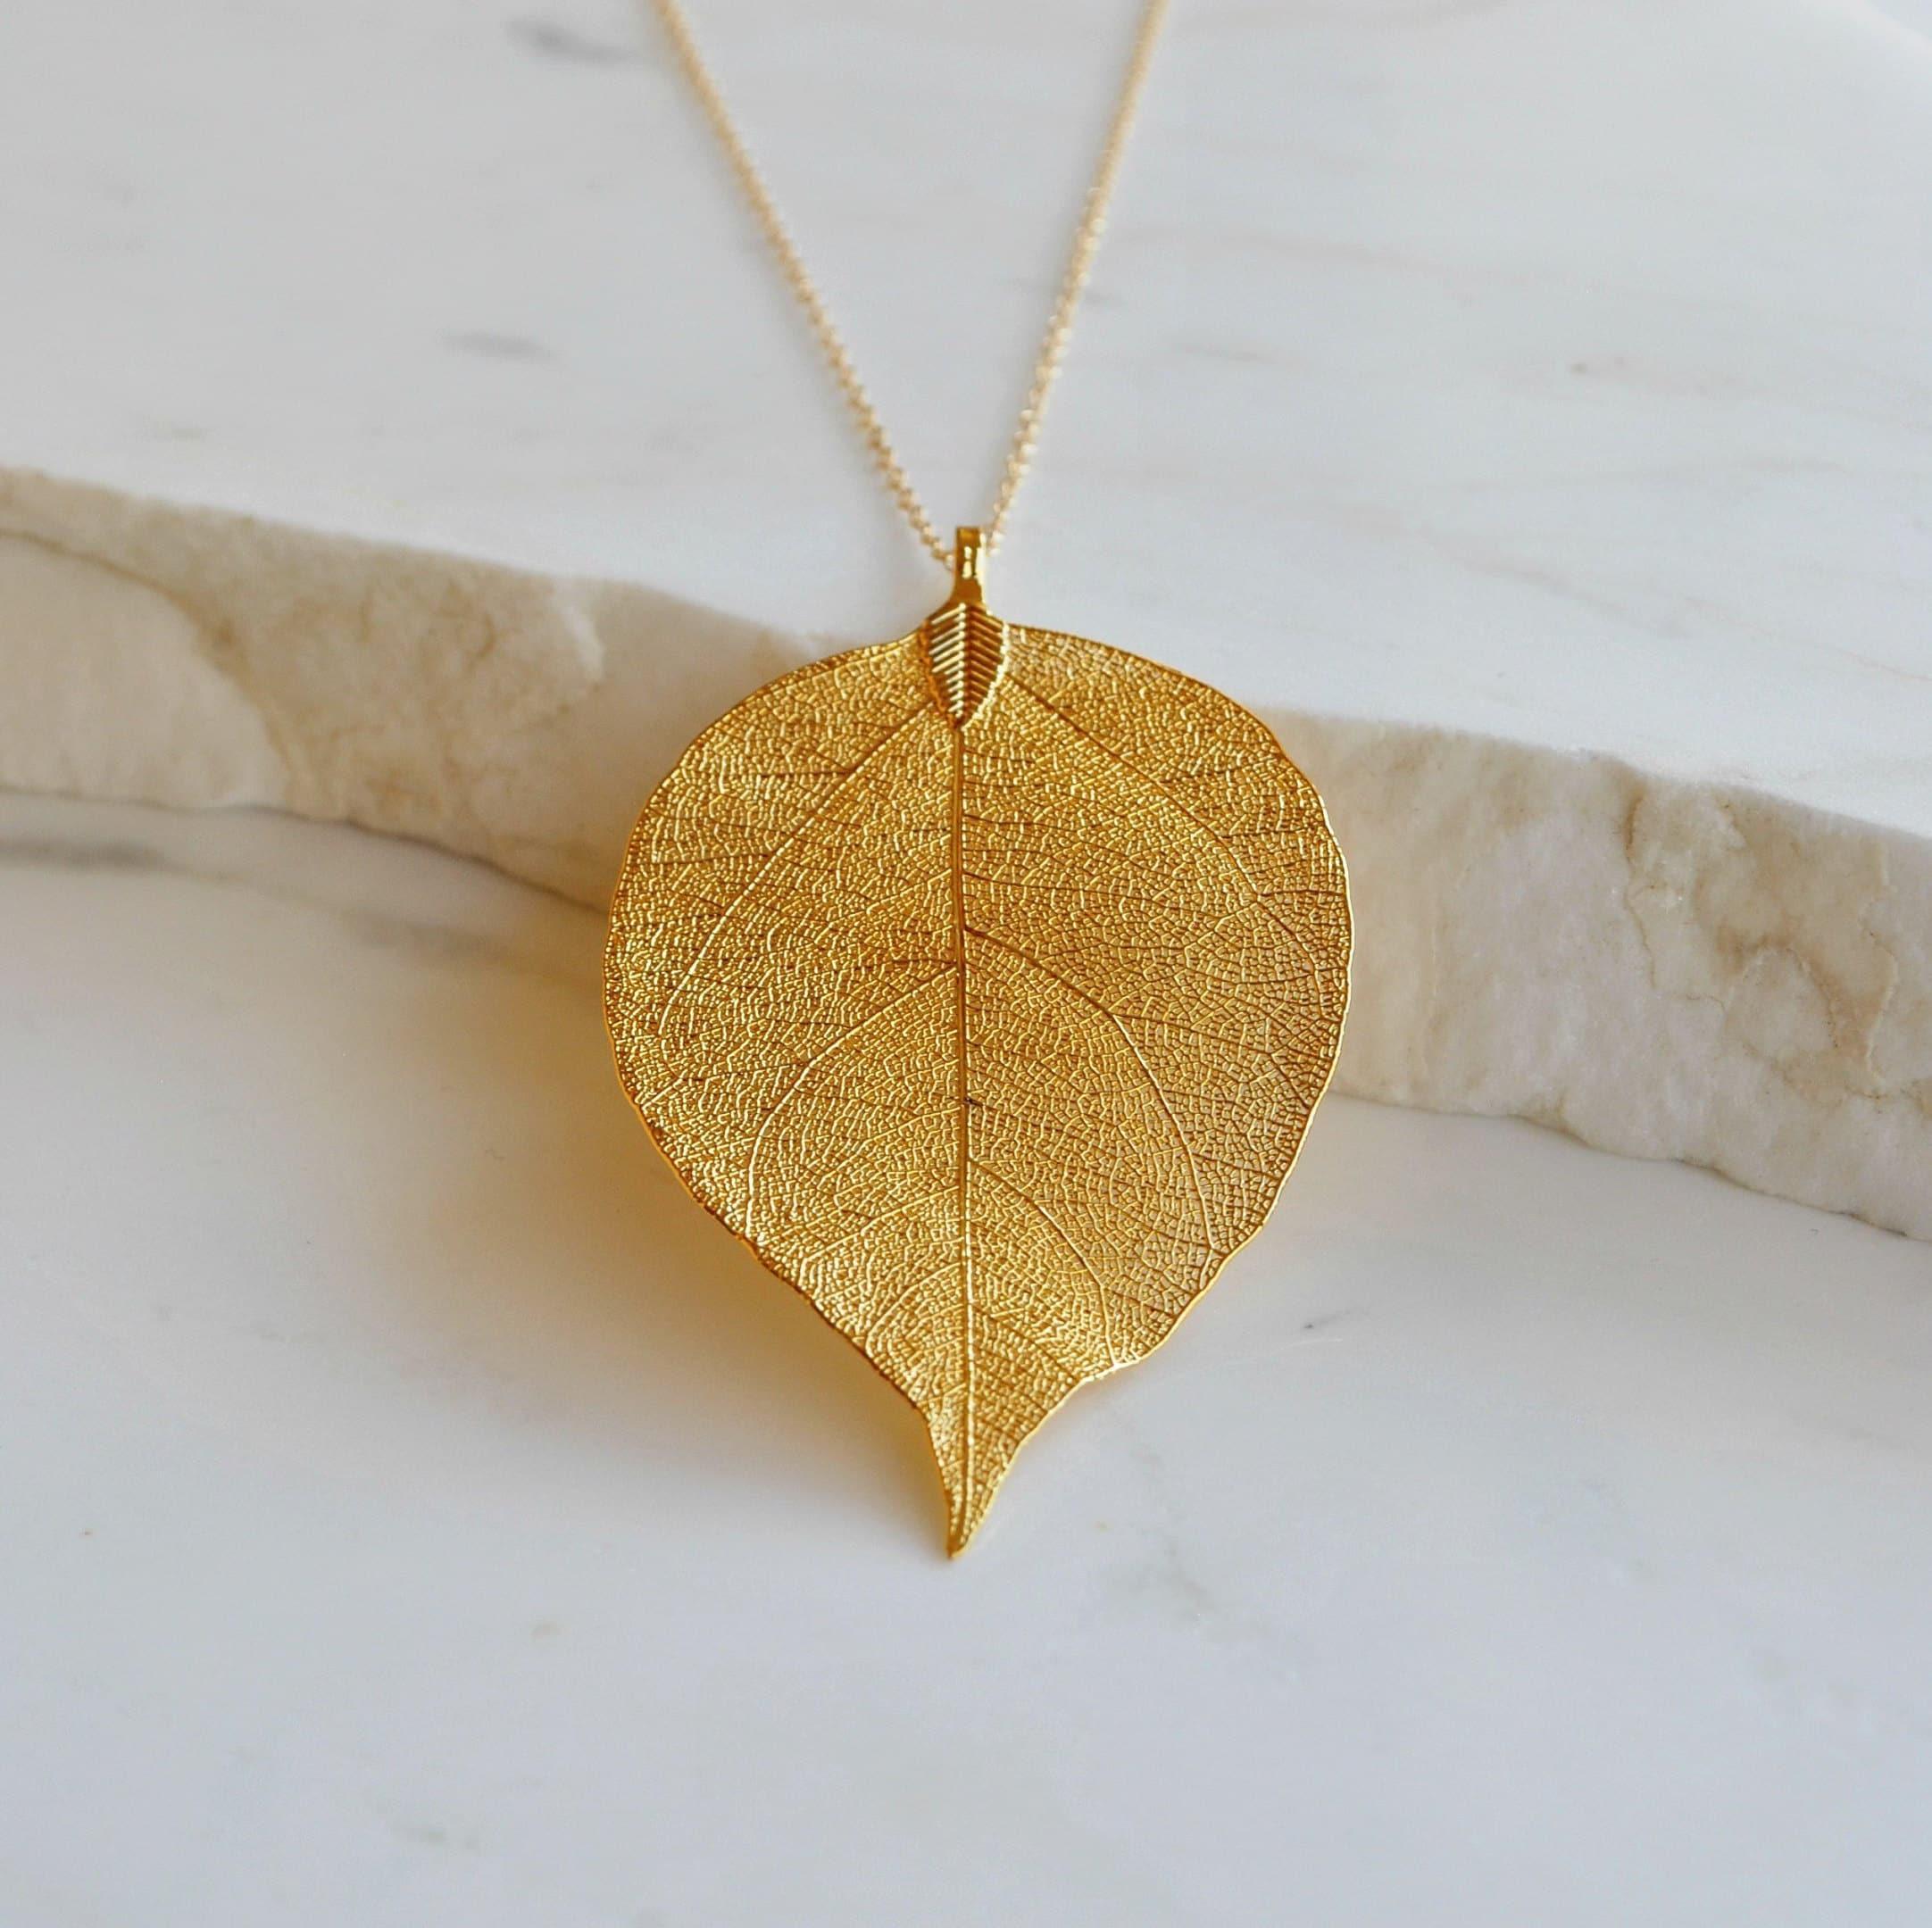 Real Leaf Necklace,Natural Leaf Pendant,Colorful Real Leaf,Aurora Color Real Leaf Necklace,Metallized Leaf Pendant,Nature Lover Gift,For Her